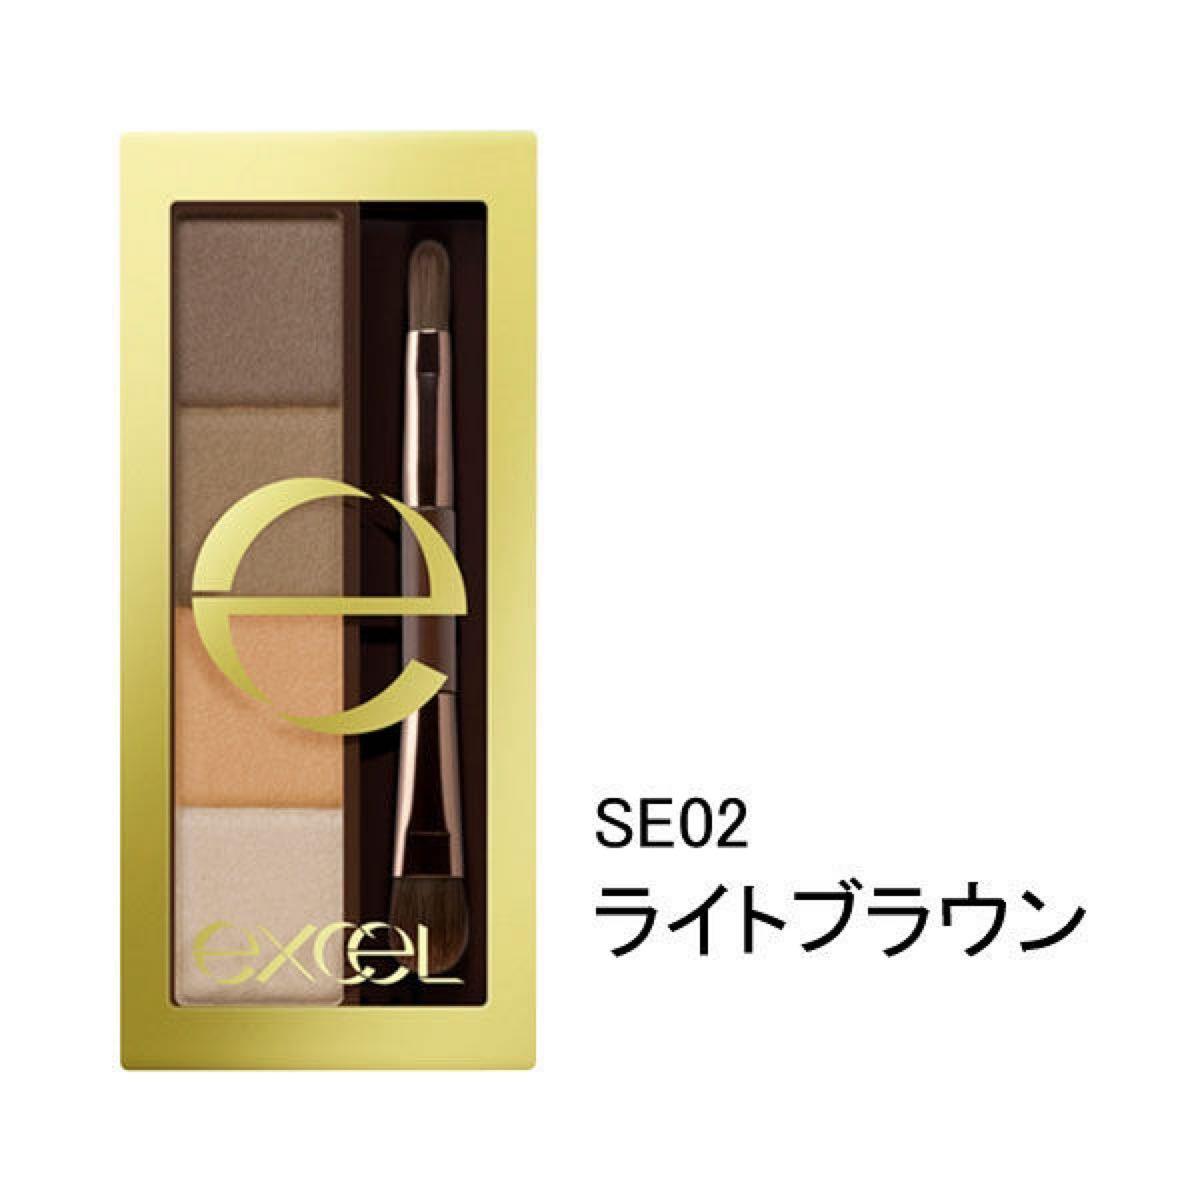 新品未使用 サナ エクセル スタイリングパウダーアイブロウ SE02 ライトブラウン アイブロウ パウダーアイブロウ